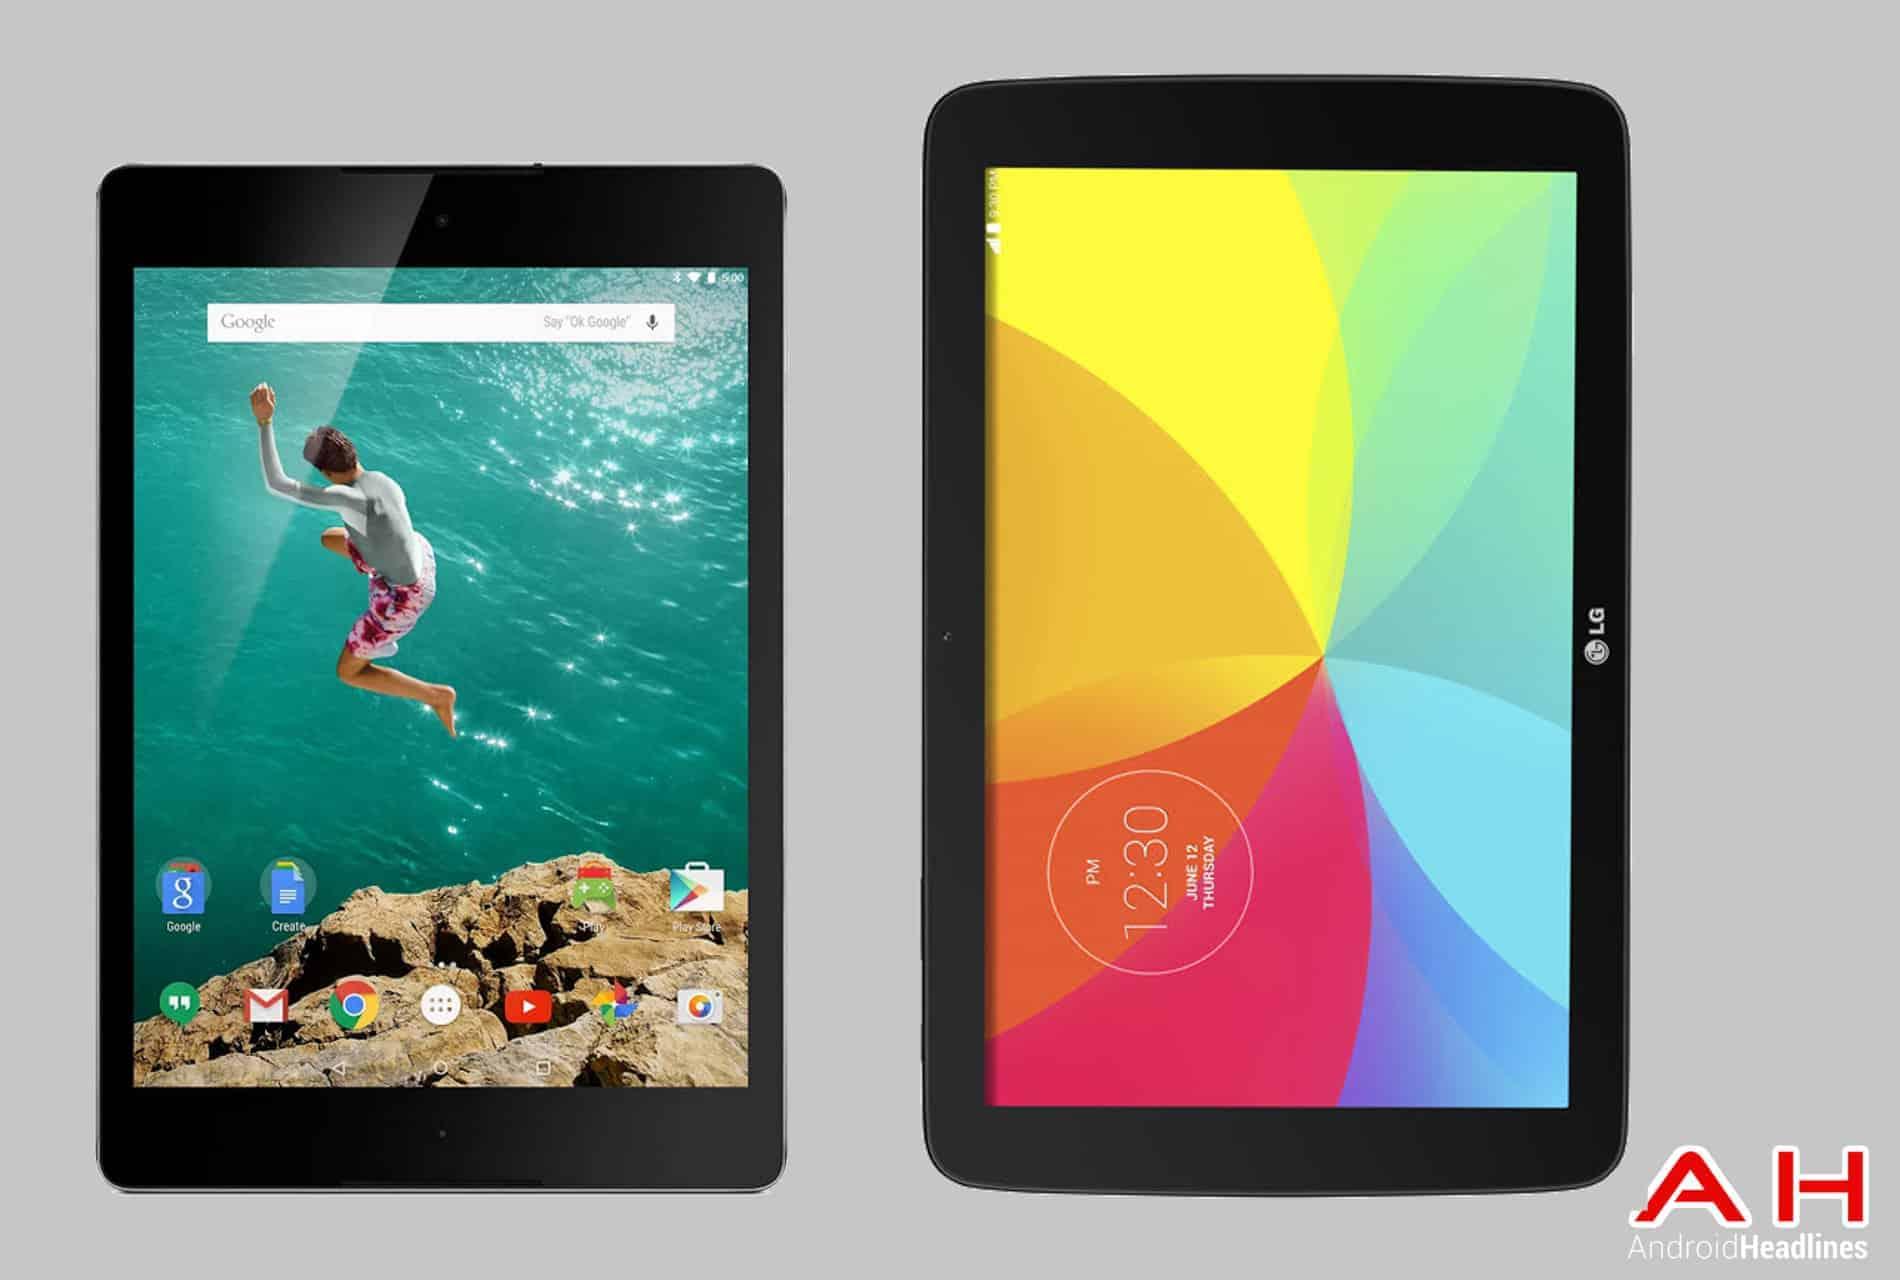 Nexus 9 vs LG G Pad 10.1 cam AH